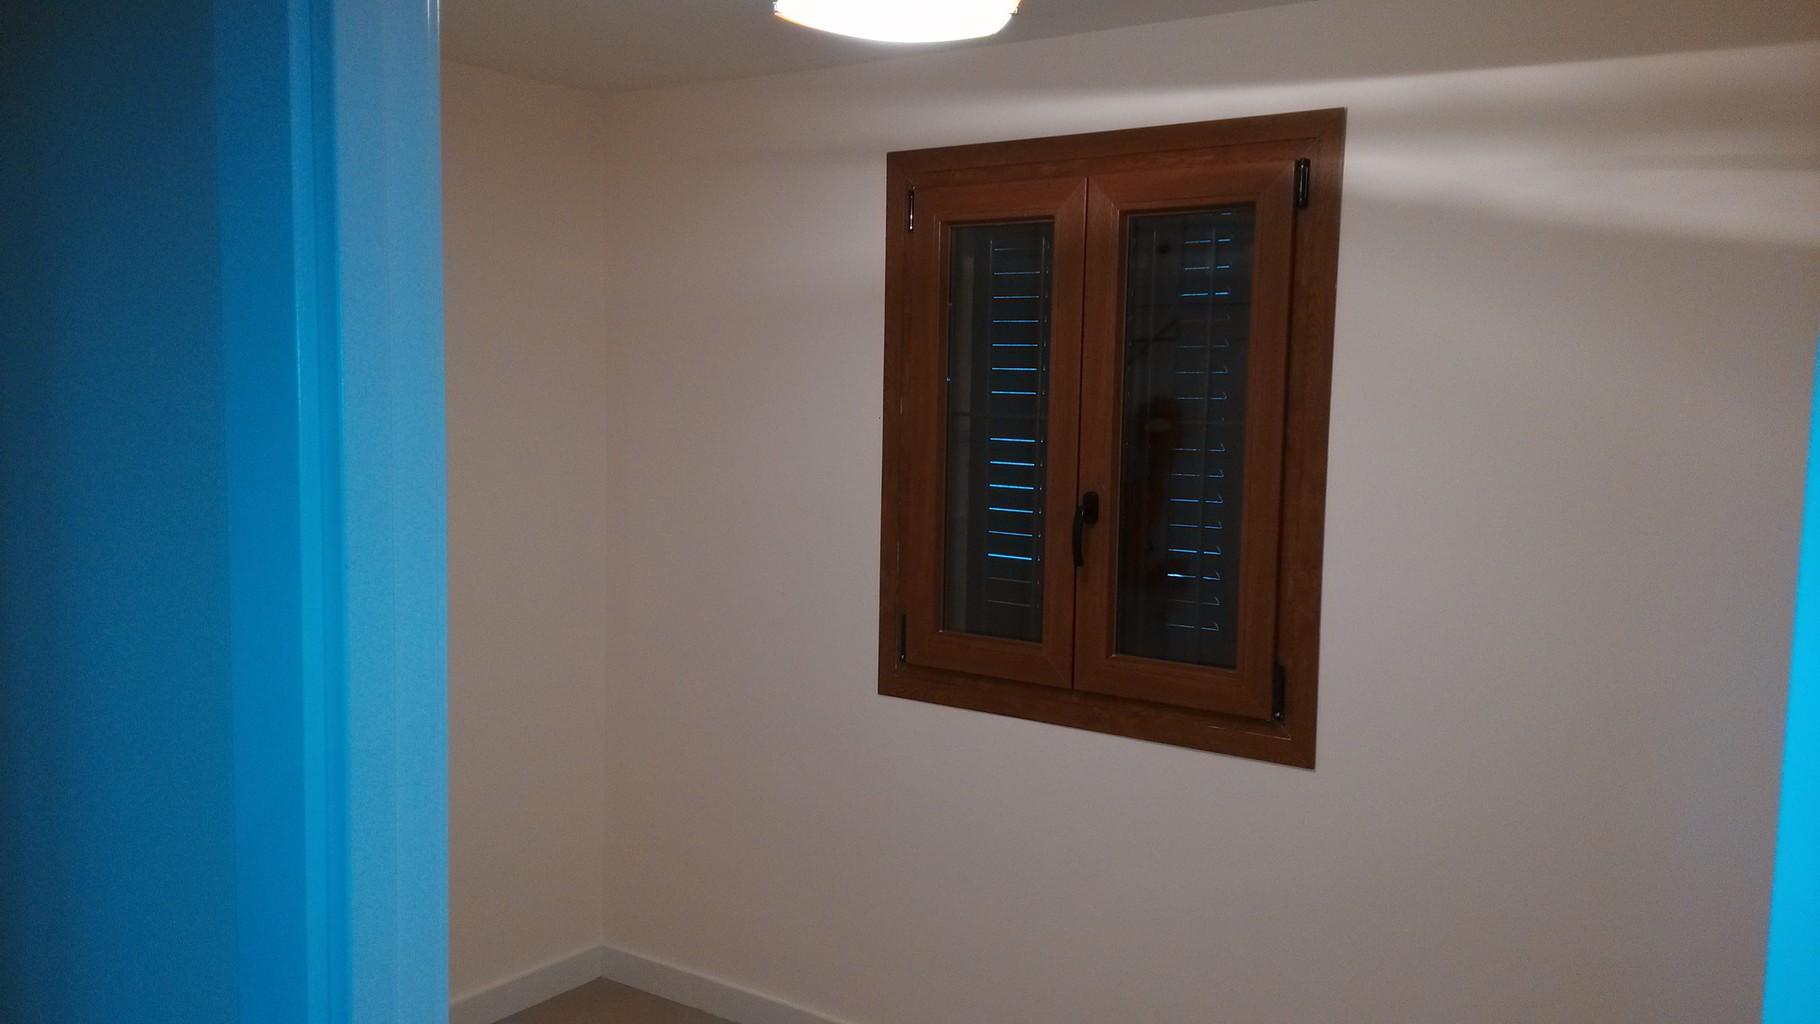 ventana-despues-de-reforma-integral